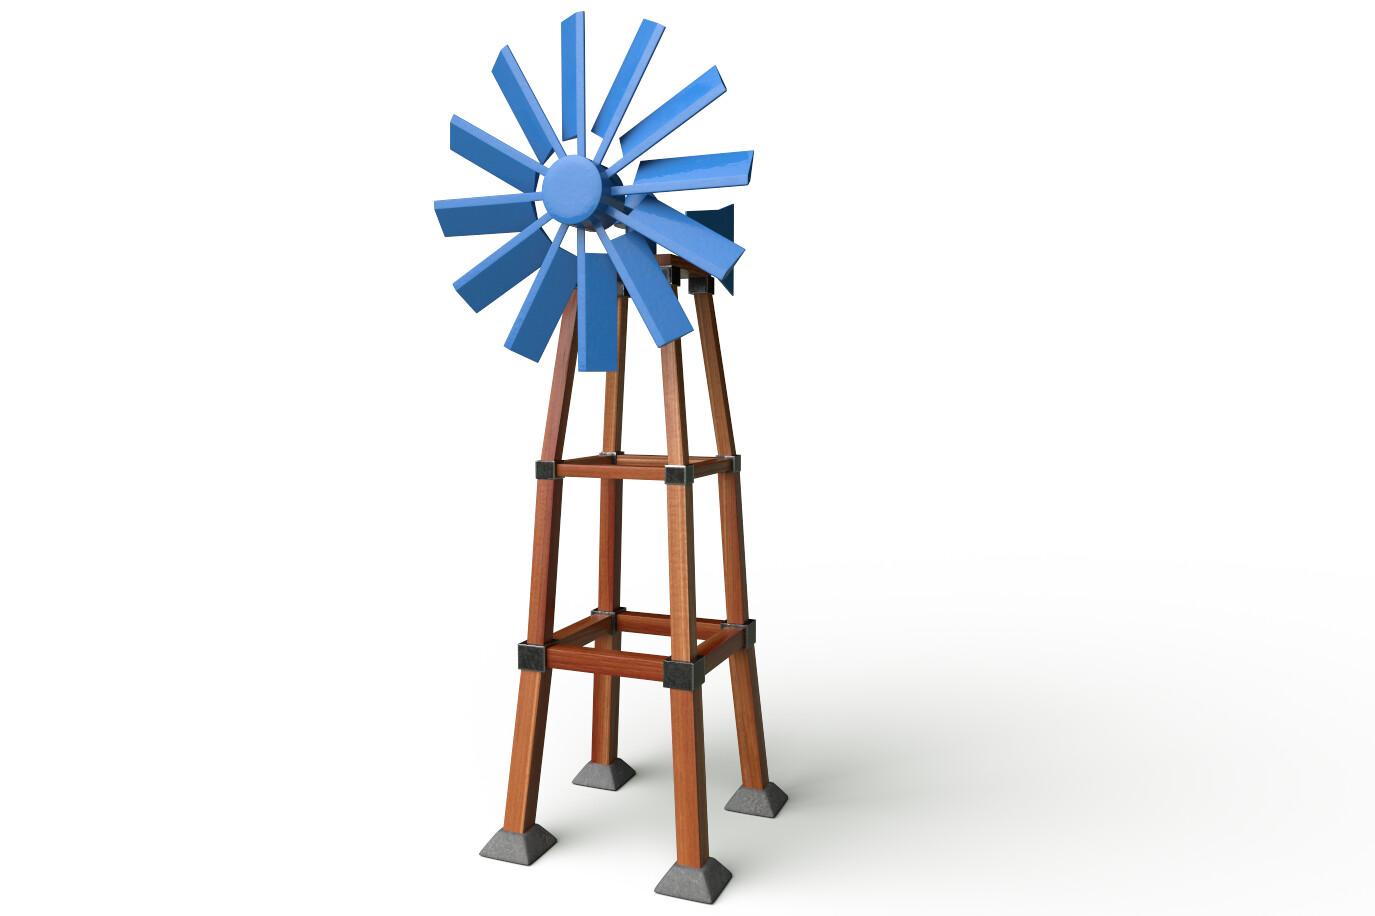 Joseph moniz windmill001f